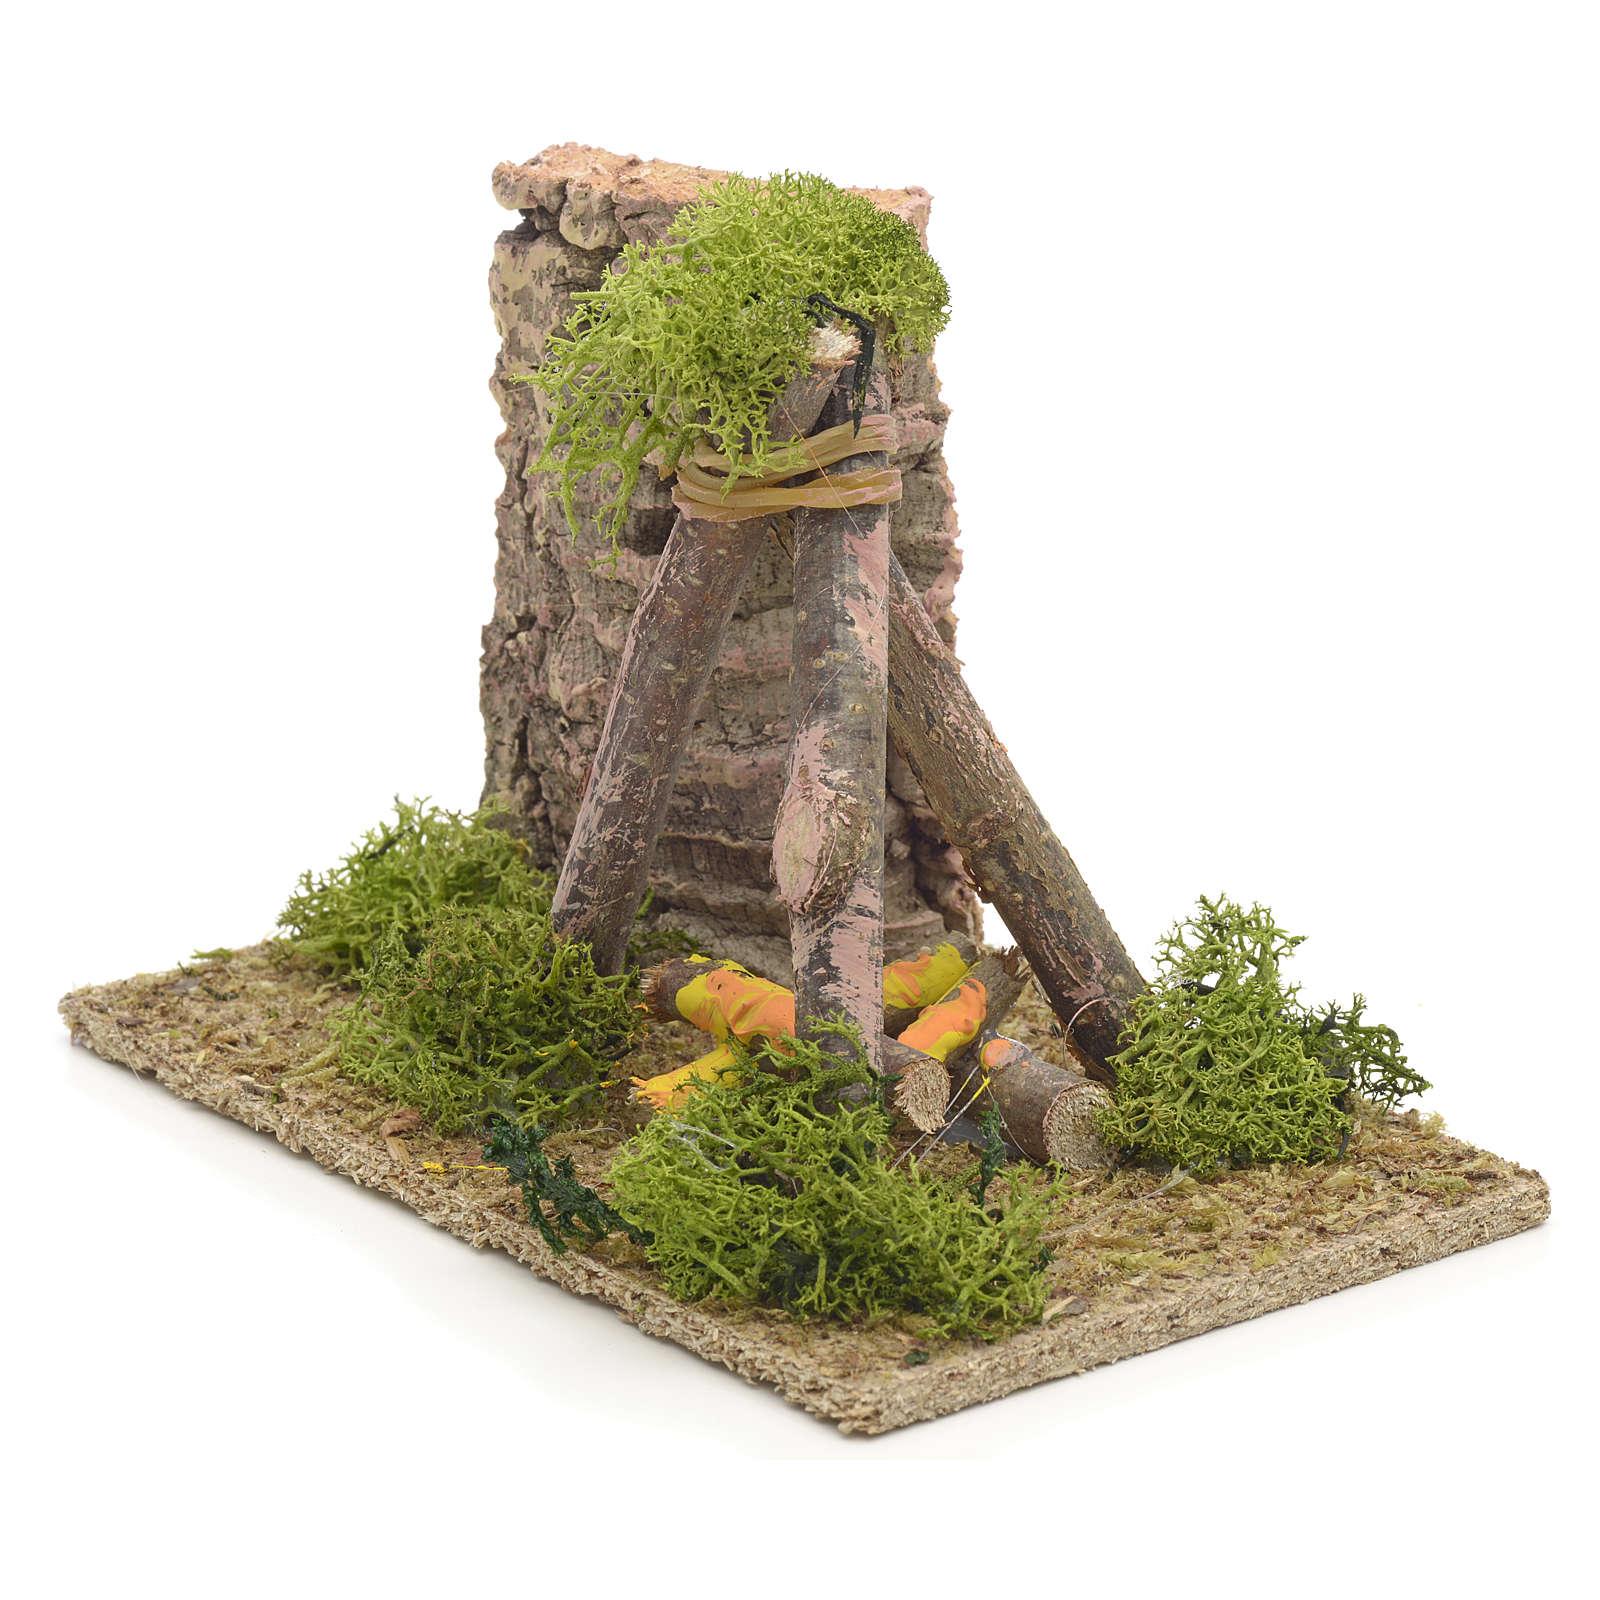 Décor crèche puits en bois 9x14x9 4